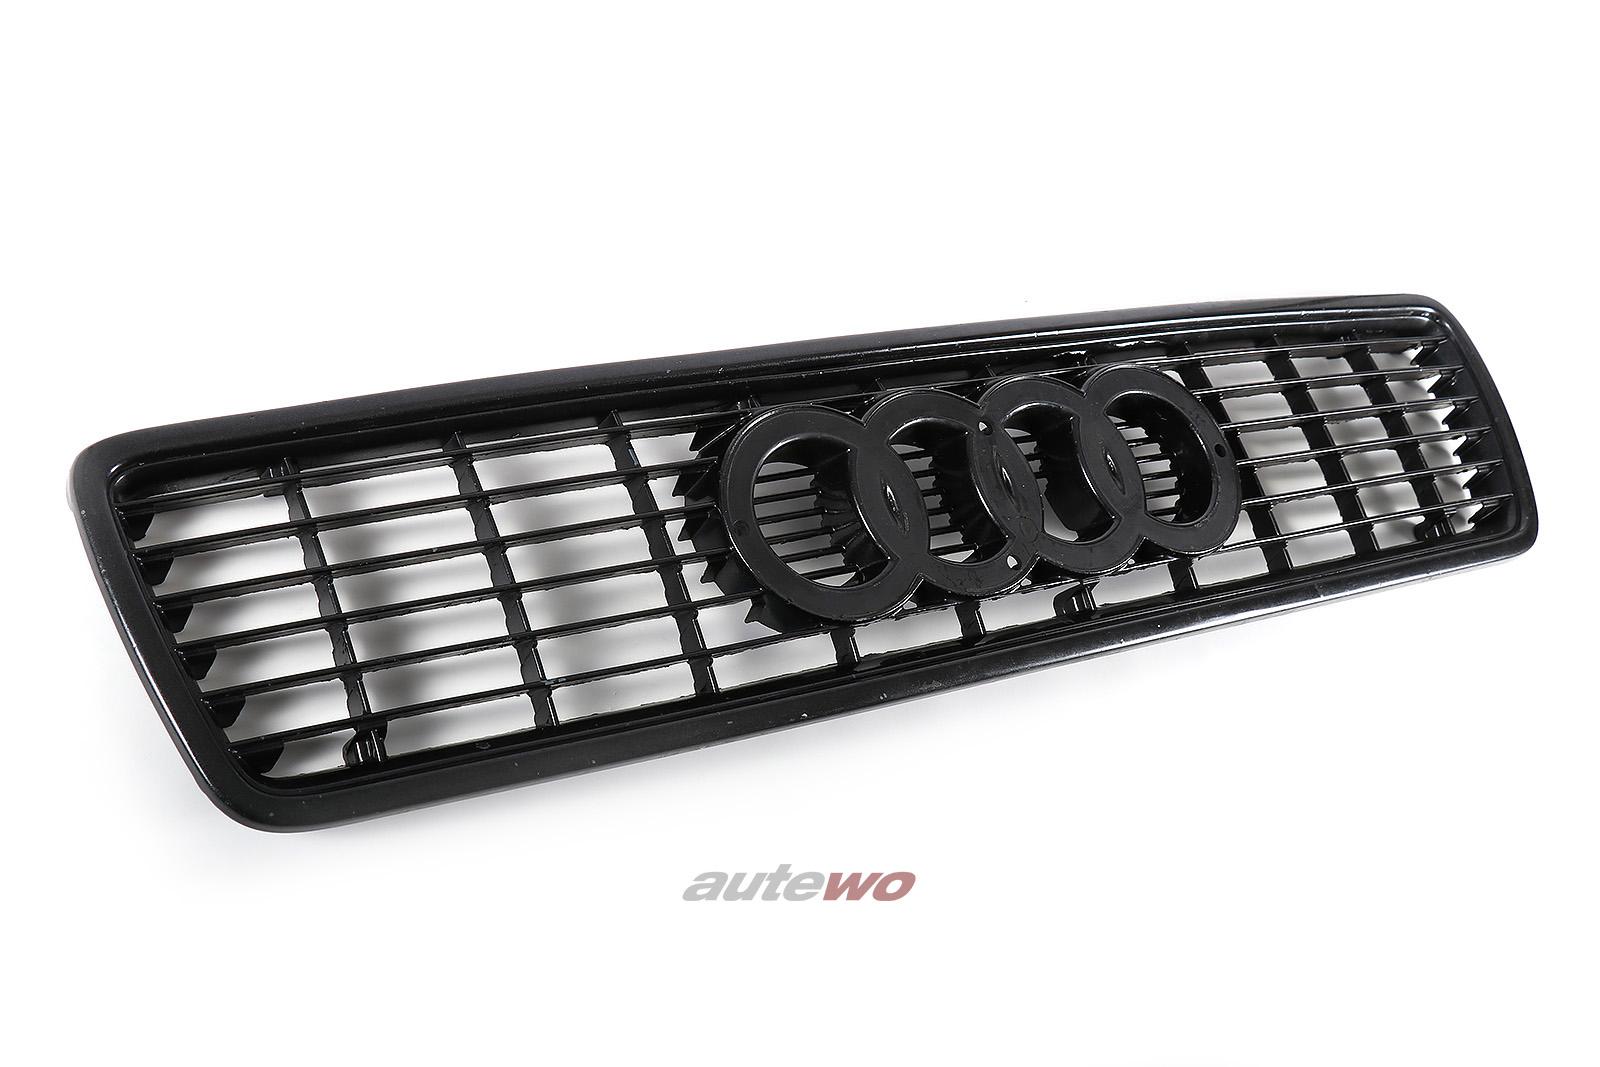 8G0853651C 8G0853651G Audi 80 B4/Coupe/Cabrio Typ 89 Kühlergrill schwarz